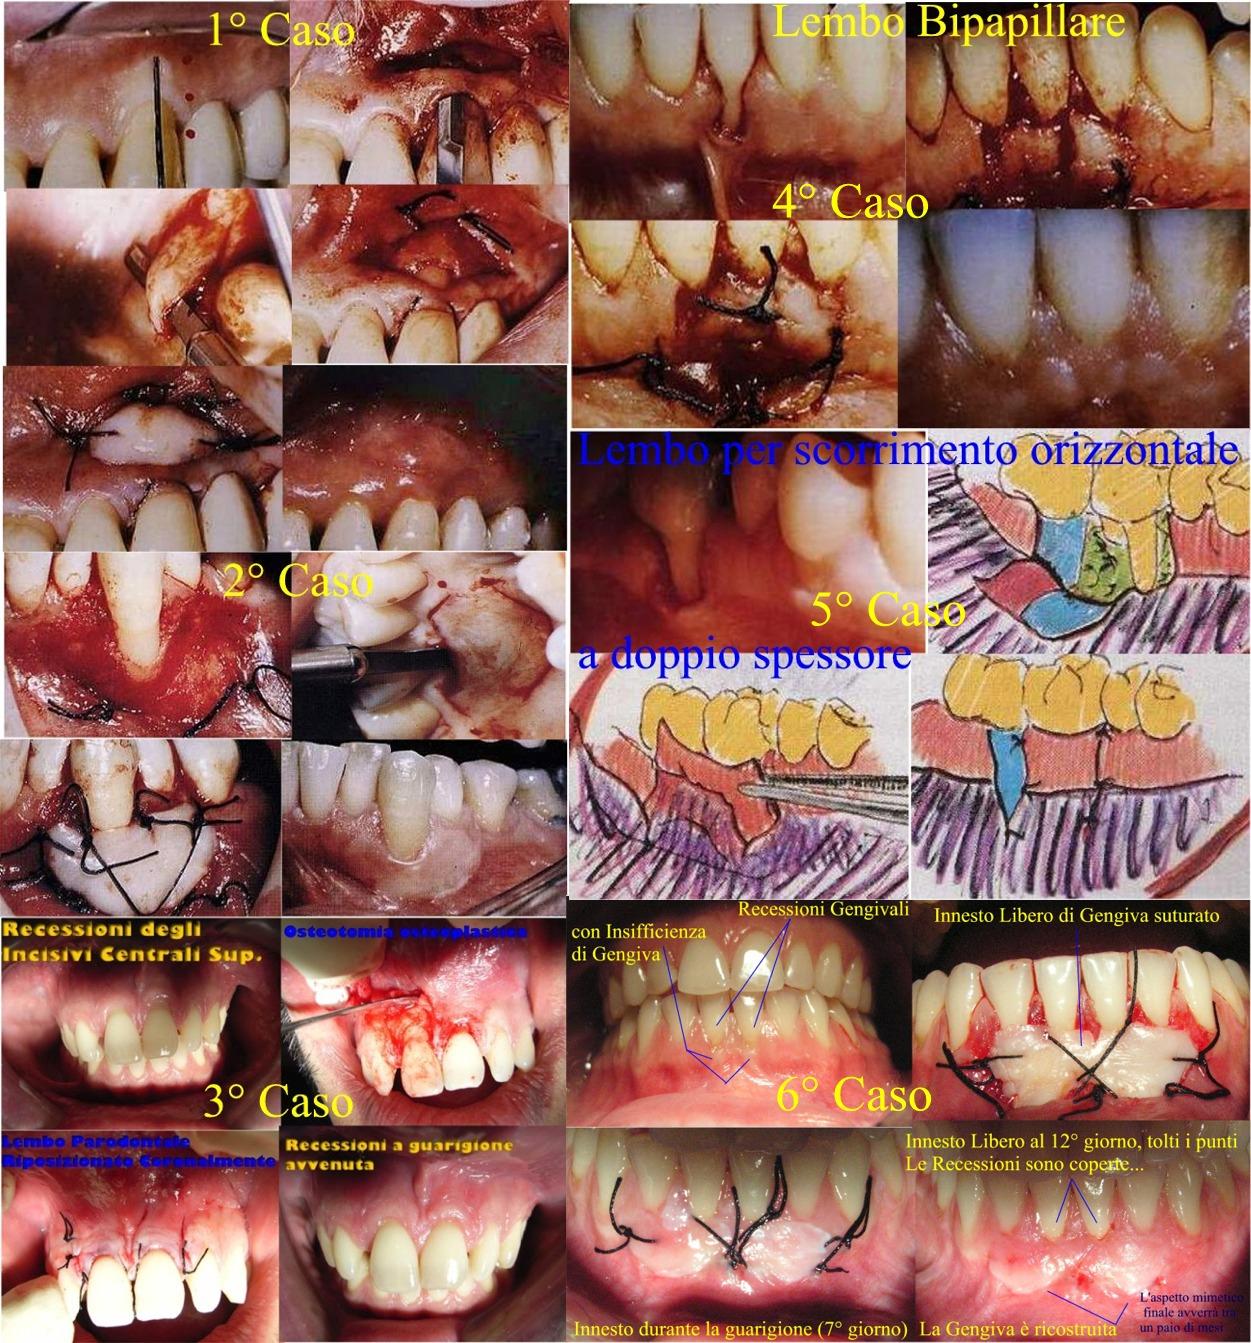 Recessioni Gengivali e loro terapia chirurgica Parodontale . Da casistica del Dr. Gustavo Petti Parodontologo di Cagliari